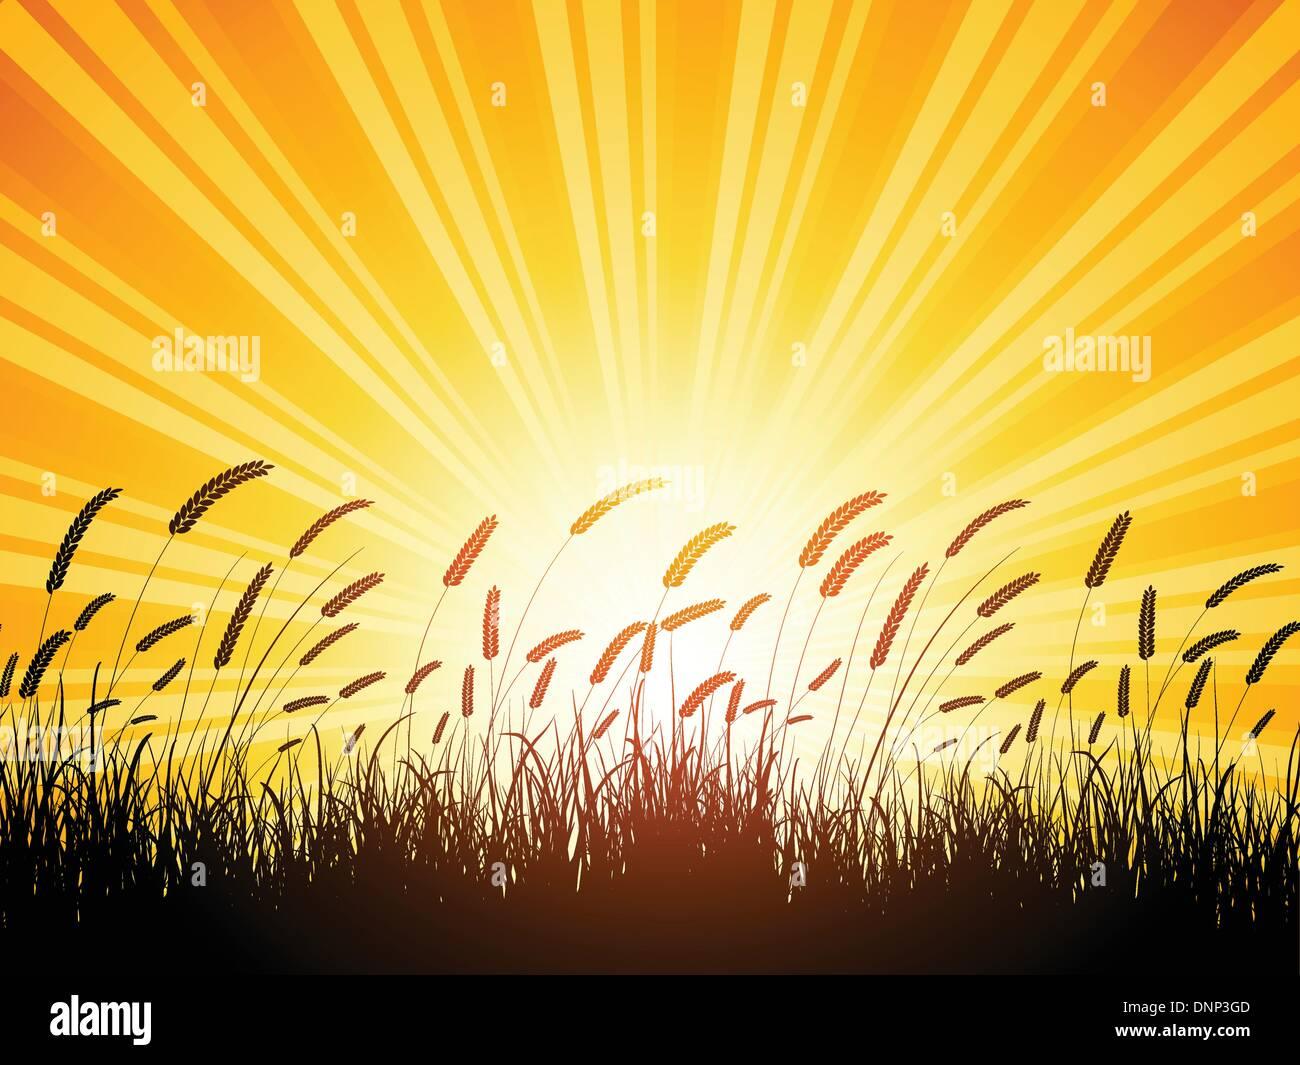 Silueta de trigo contra un atardecer cielo Imagen De Stock